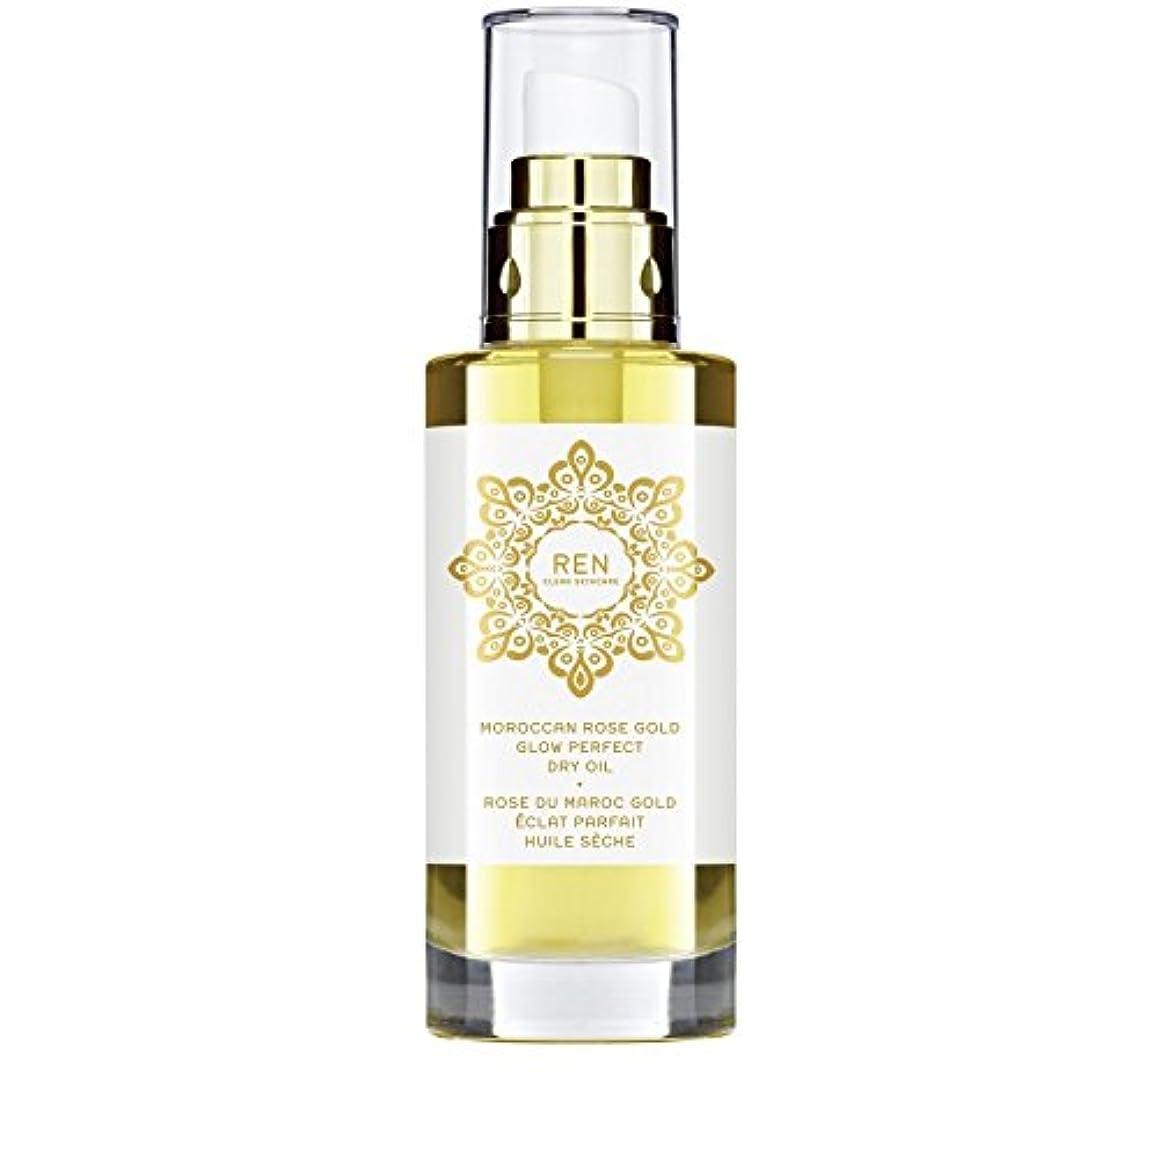 省略石鹸ゆるくREN Moroccan Rose Gold Glow Perfect Dry Oil 100ml - モロッコは金が完璧なドライオイル100ミリリットルグローバラ [並行輸入品]